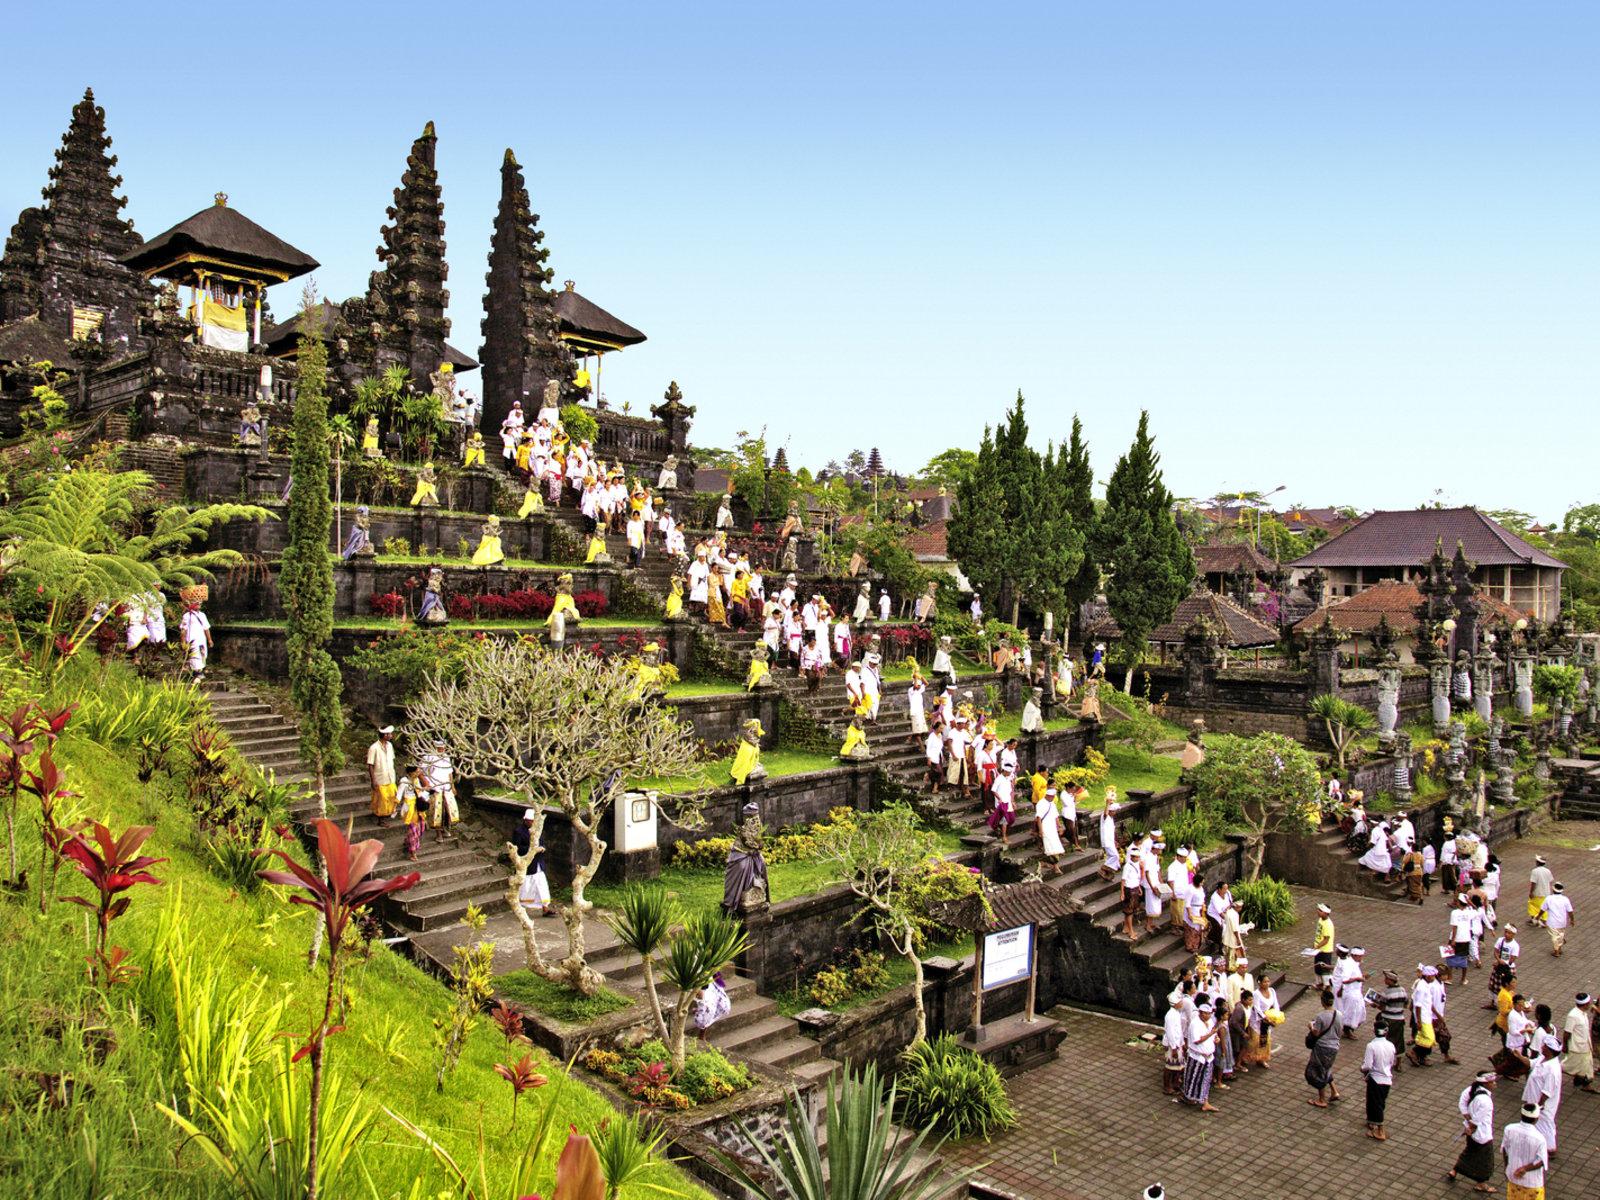 Festival am Tempel Pura Besakih ©Visit Indonesia Tourism